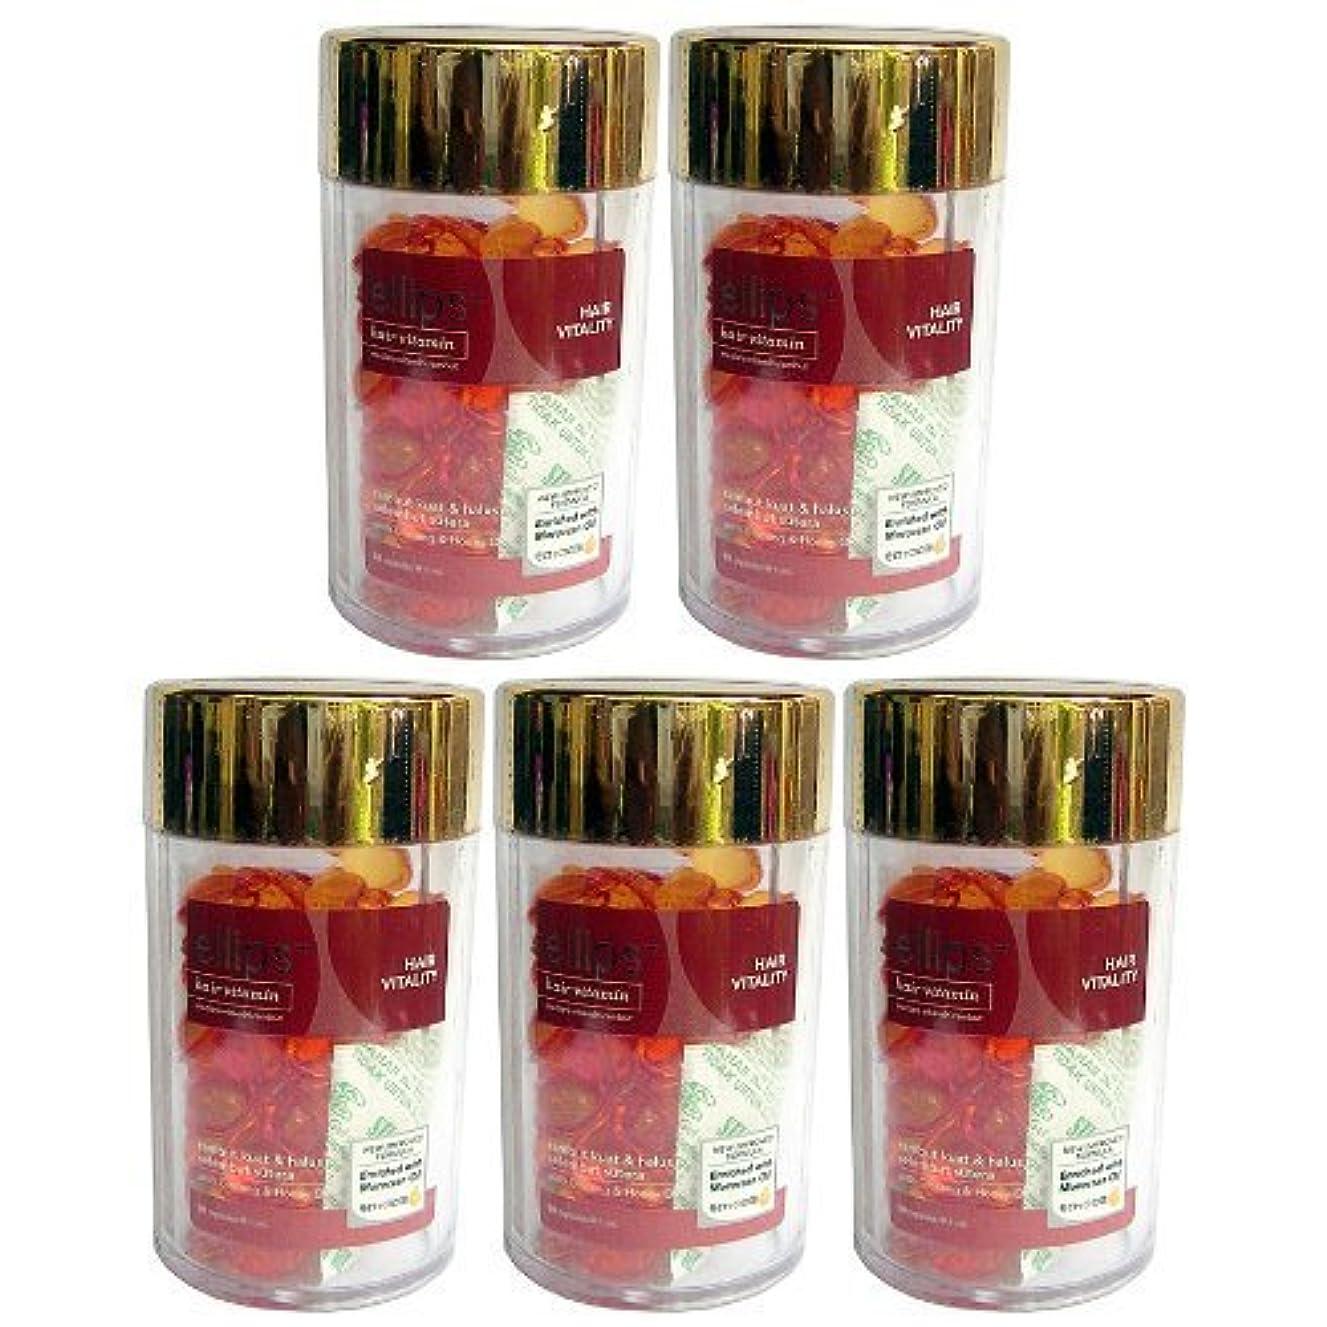 落ち着かないスイッチガードEllips(エリプス)ヘアビタミン(50粒入)5個セット [並行輸入品][海外直送品] ブラウン